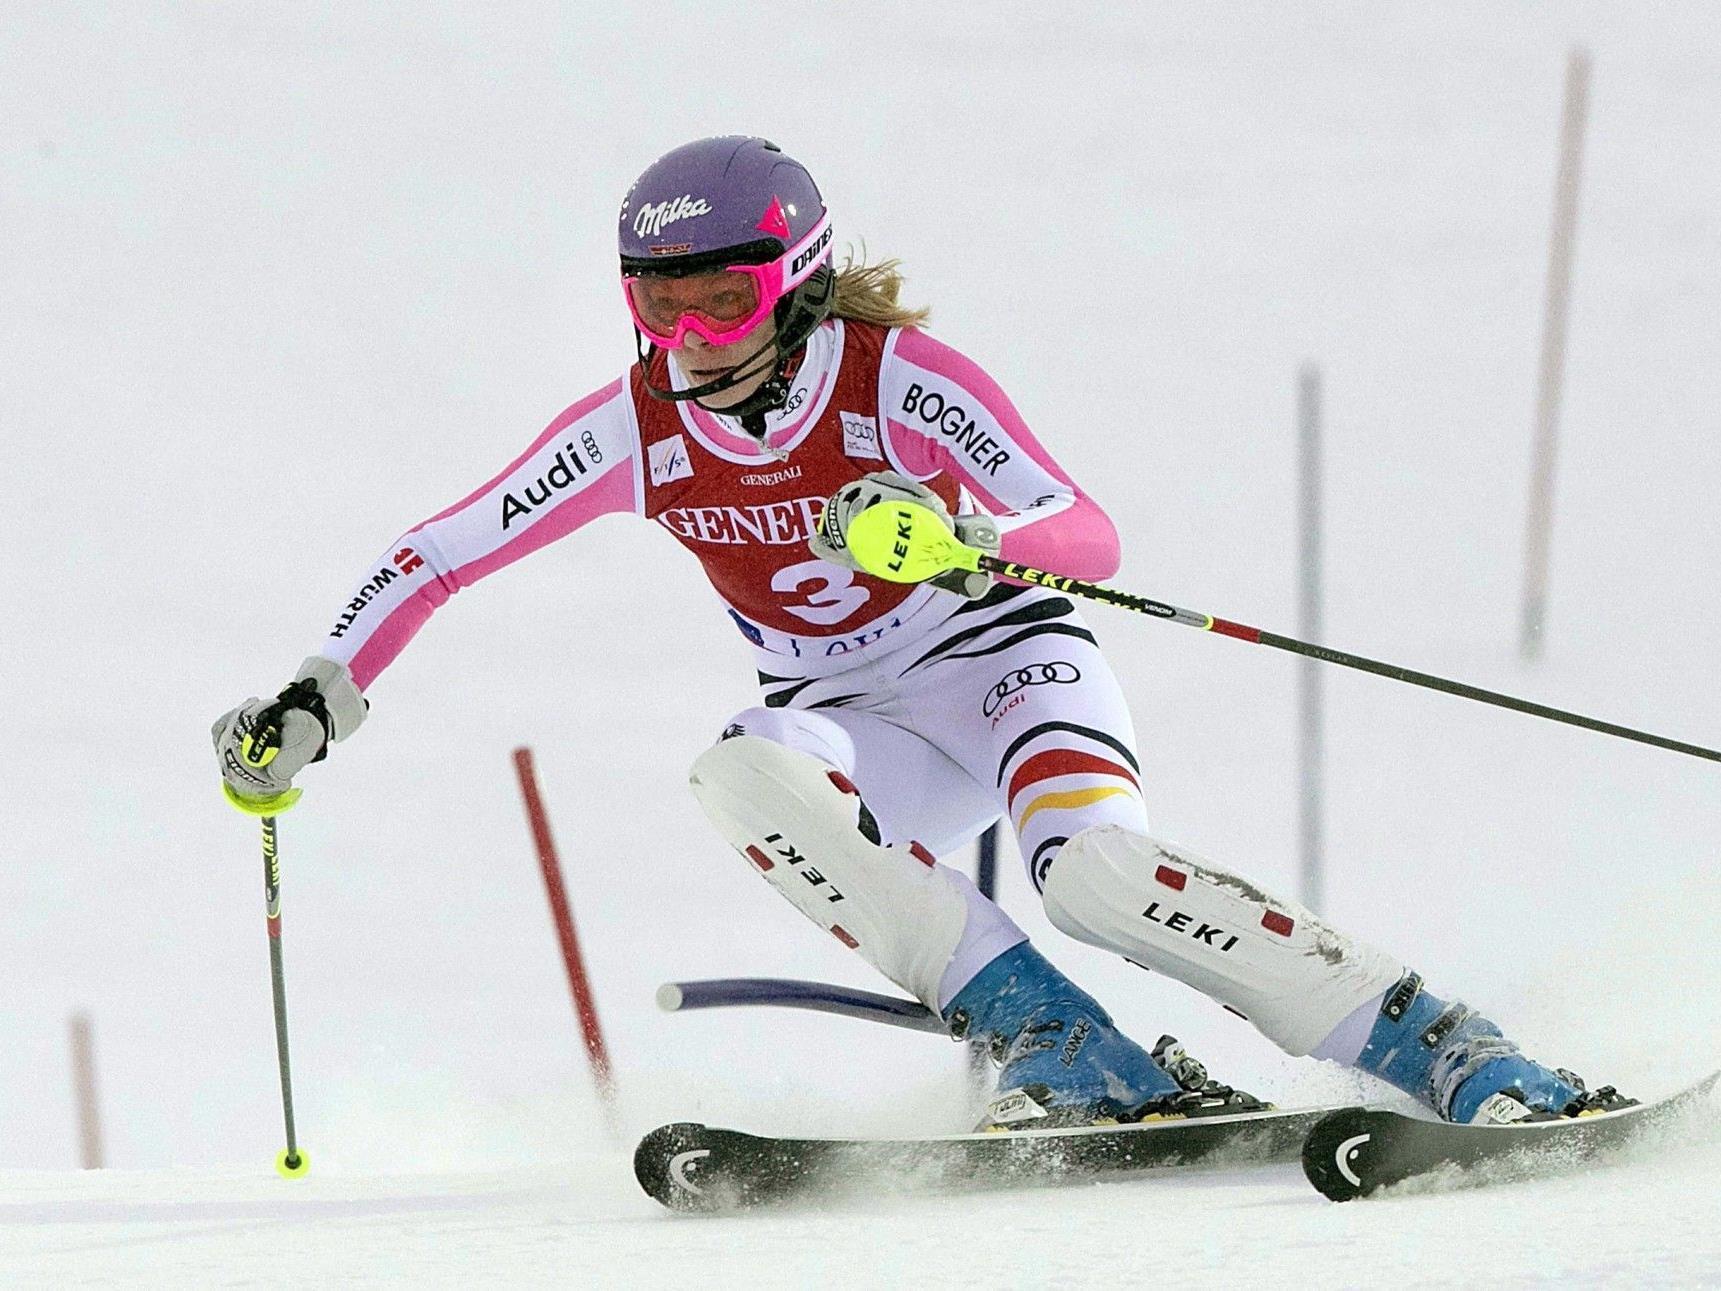 9. Slalom-Erfolg für die Deutsche - Hosp fiel auf Platz 17 zurück - Daum Neunte.